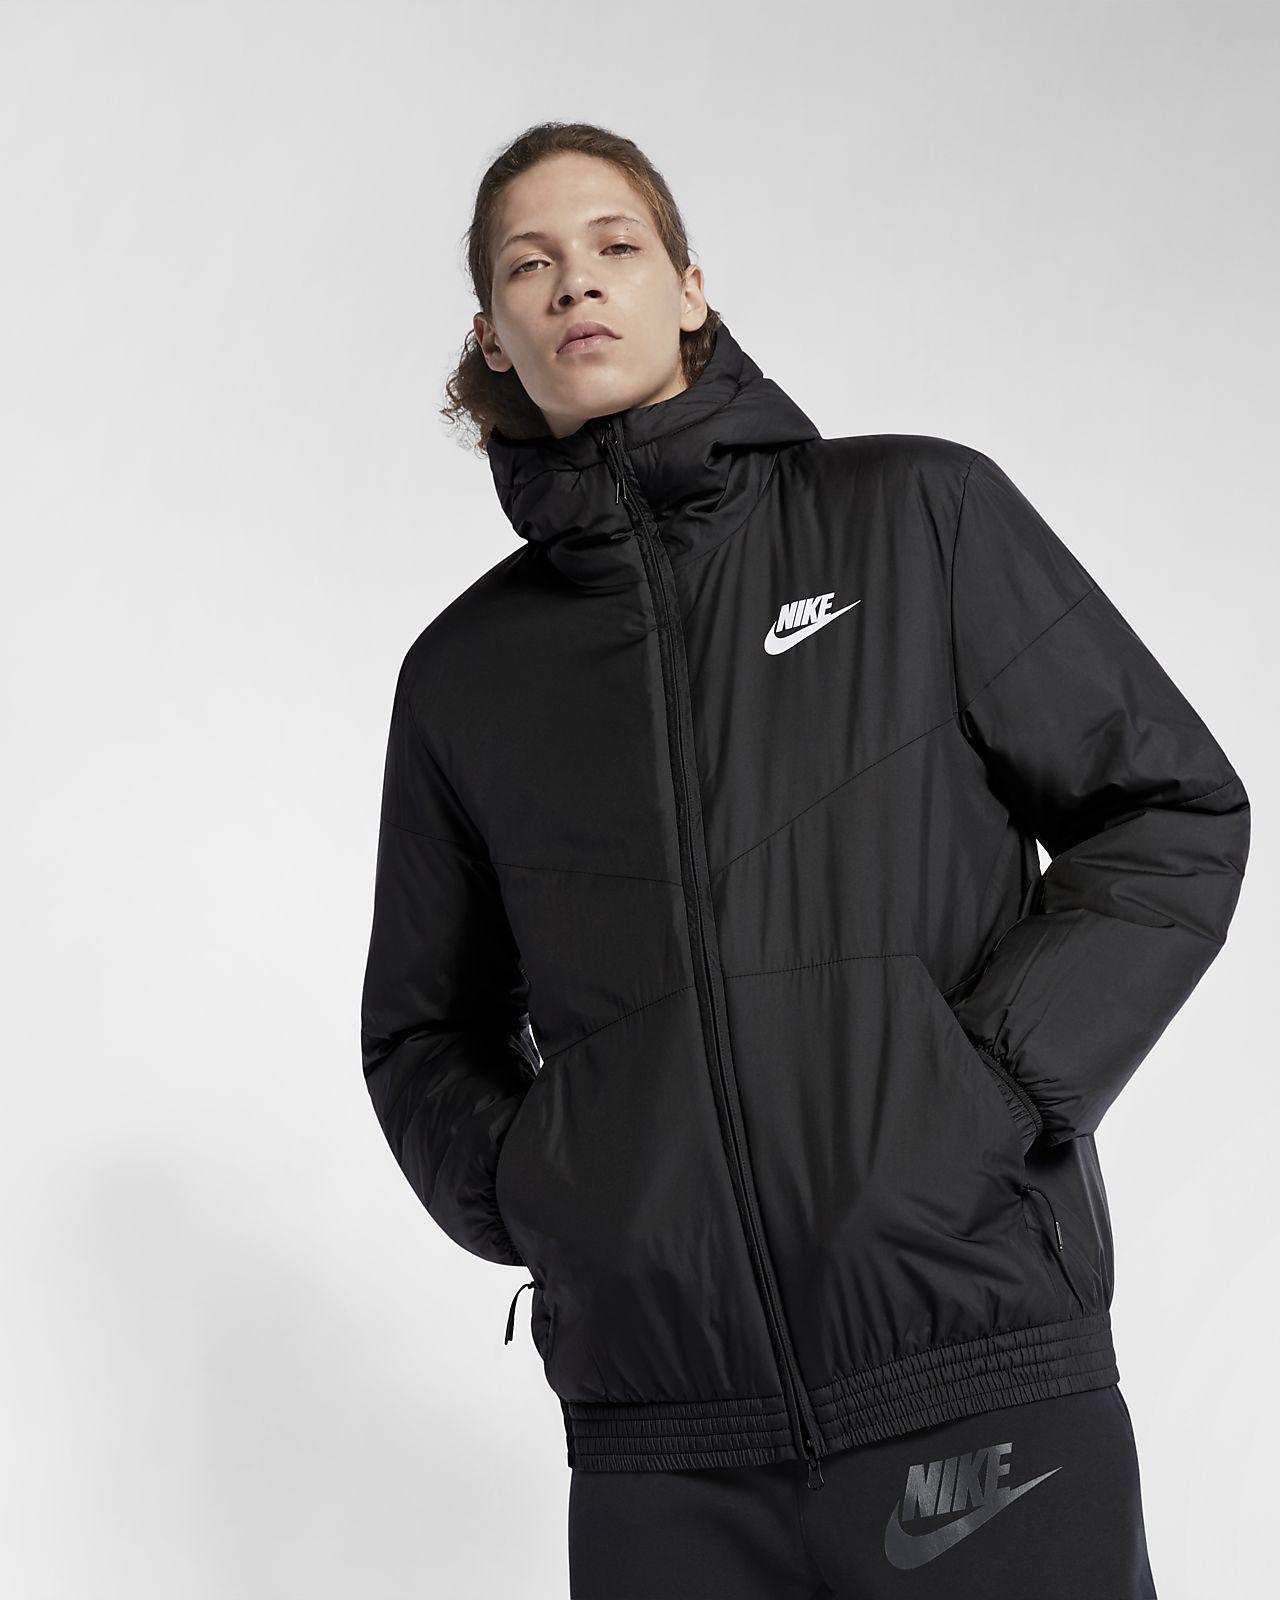 835d3b8cf23b Nike Sportswear Synthetic Fill Men s Hooded Jacket. Nike.com CA